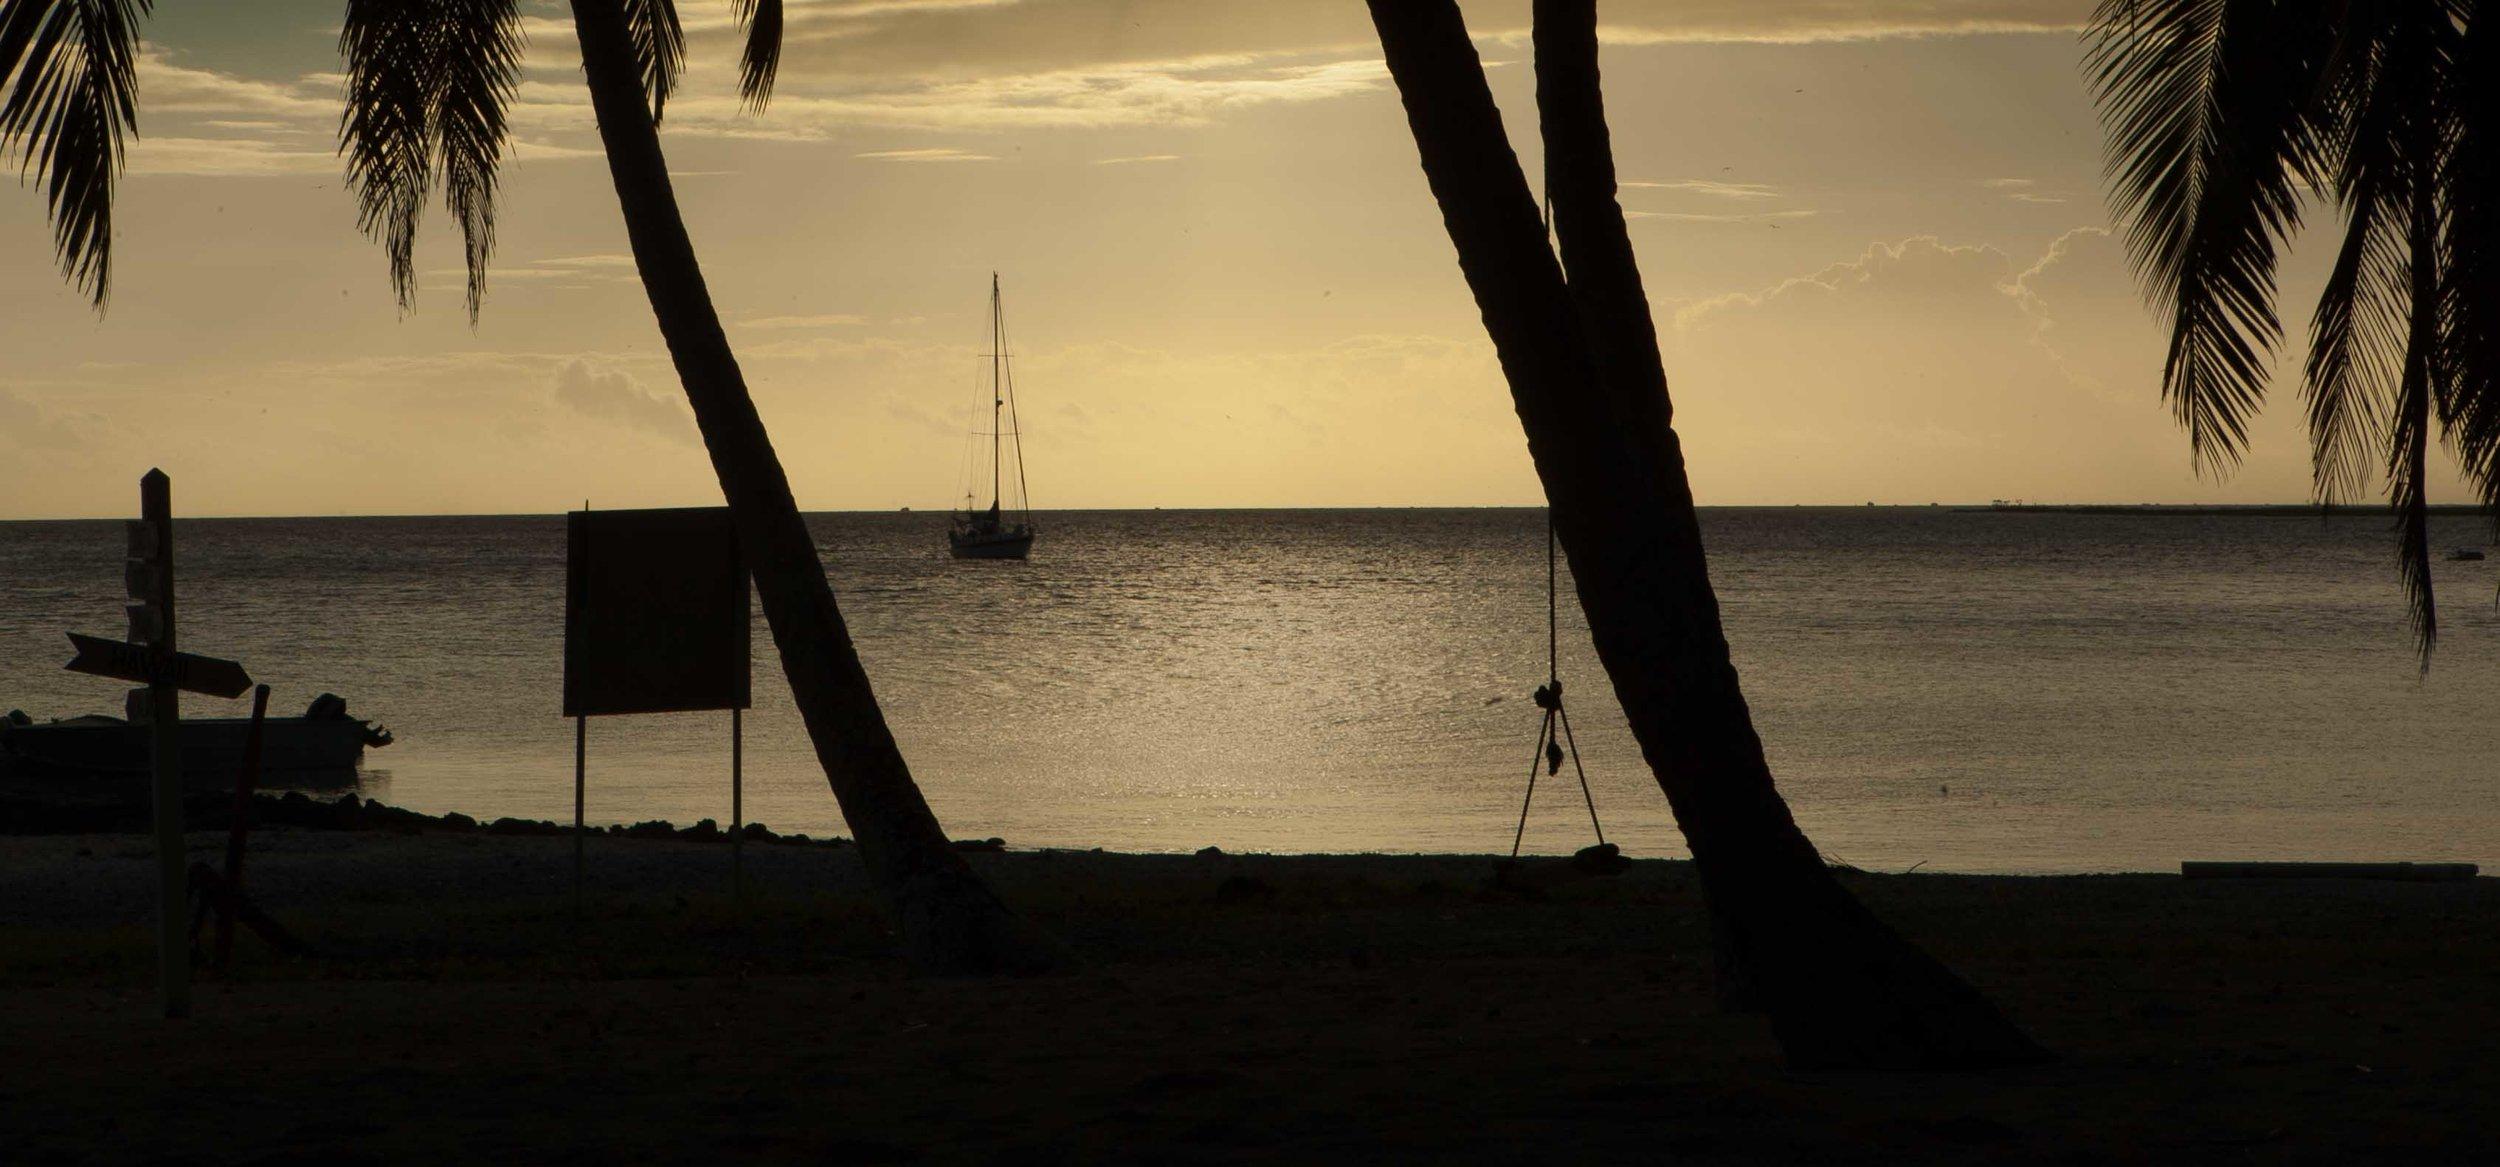 Tumbleweed at anchor, Suwarrow, Cook Islands.